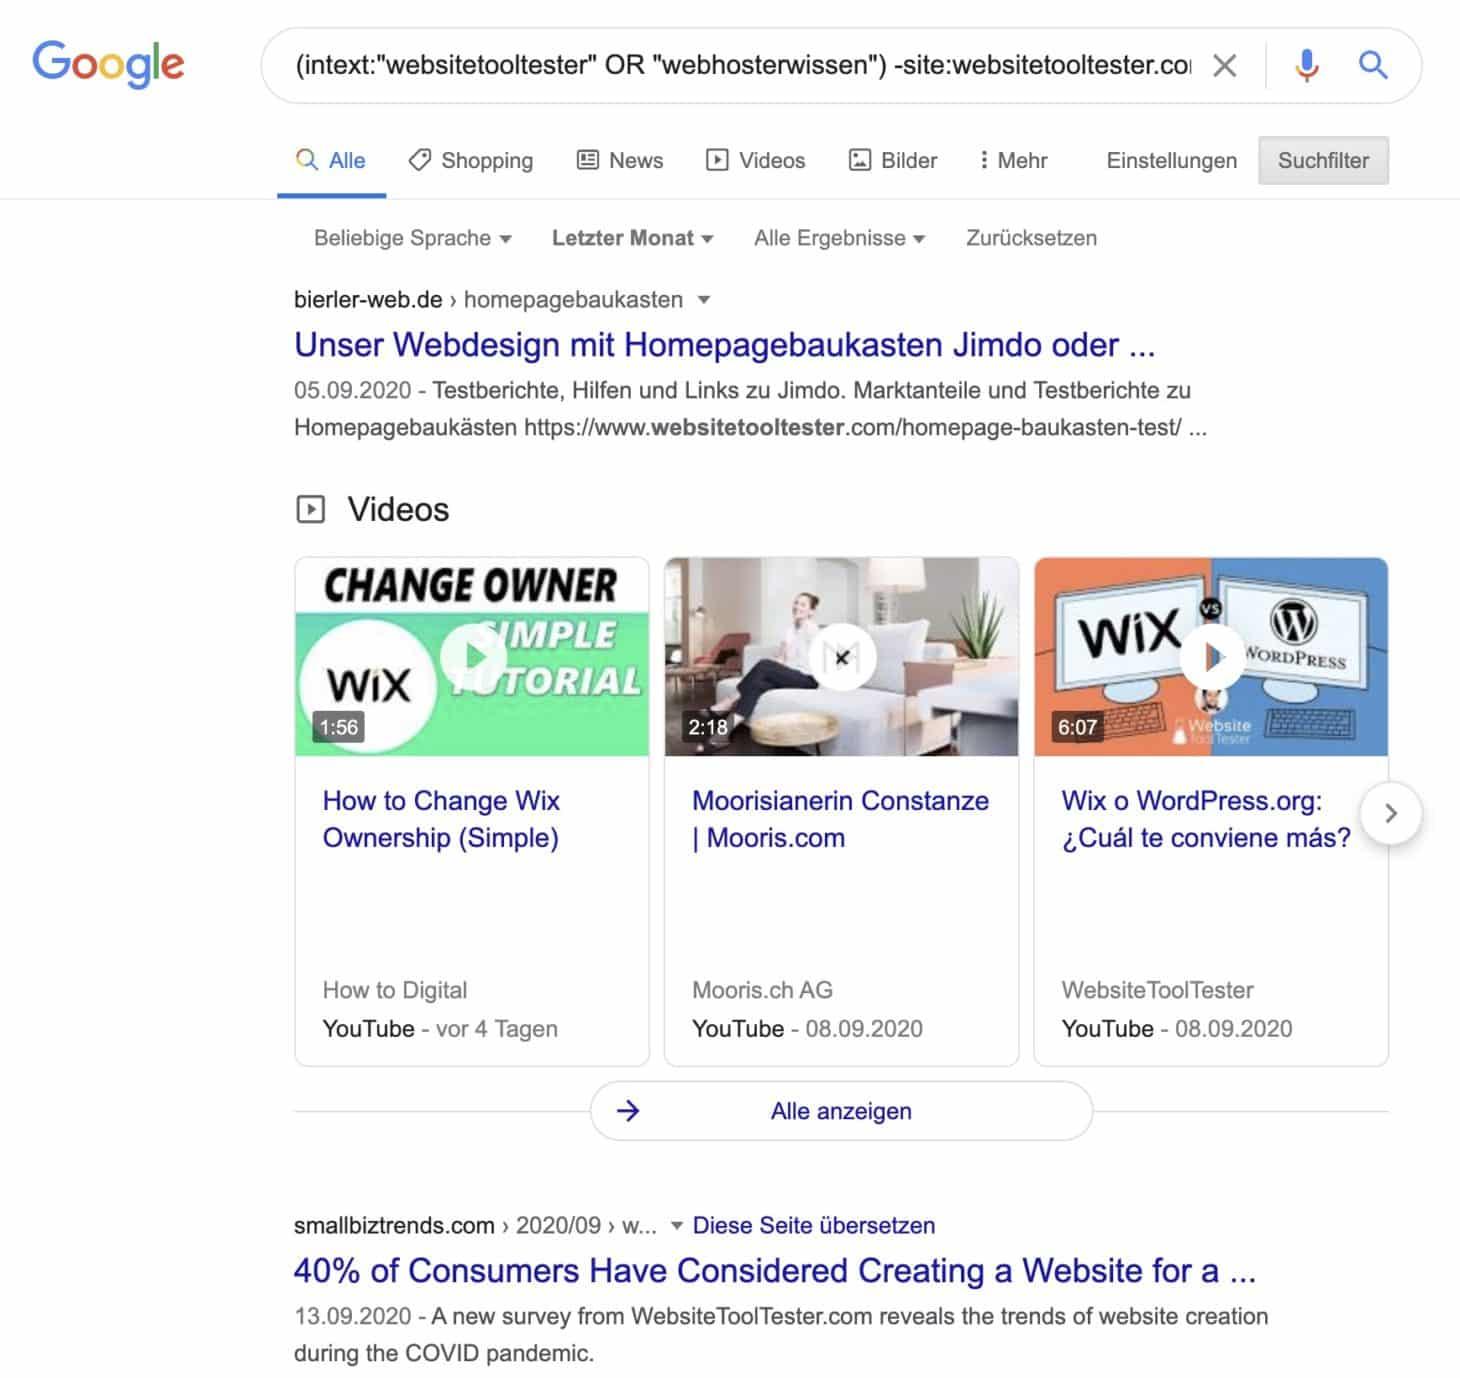 Suchbefehl, um Brand Mentions von Konkurrenten zu finden